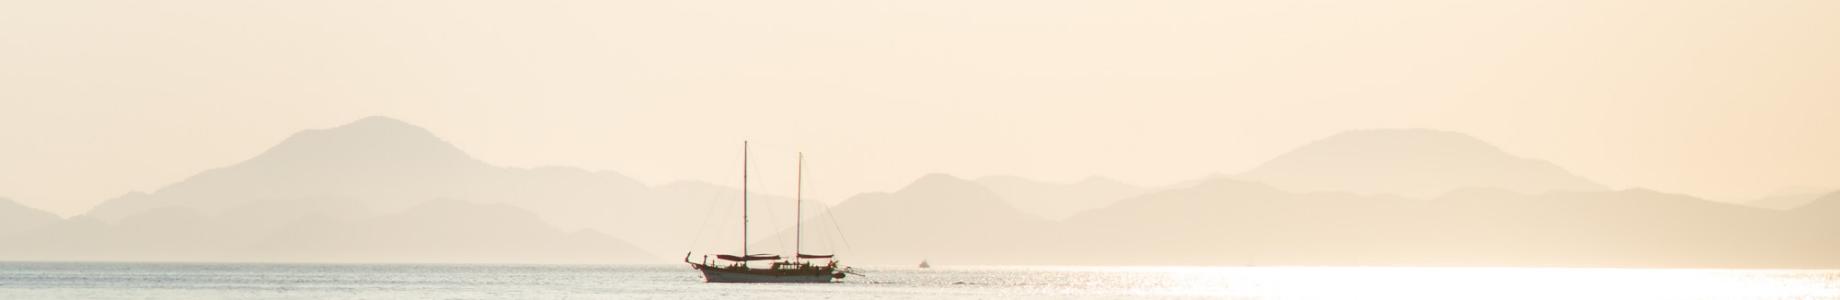 Яхтинг в Турции: краткий гайд для тех, кто мечтает о путешествии на яхте в здешних водах